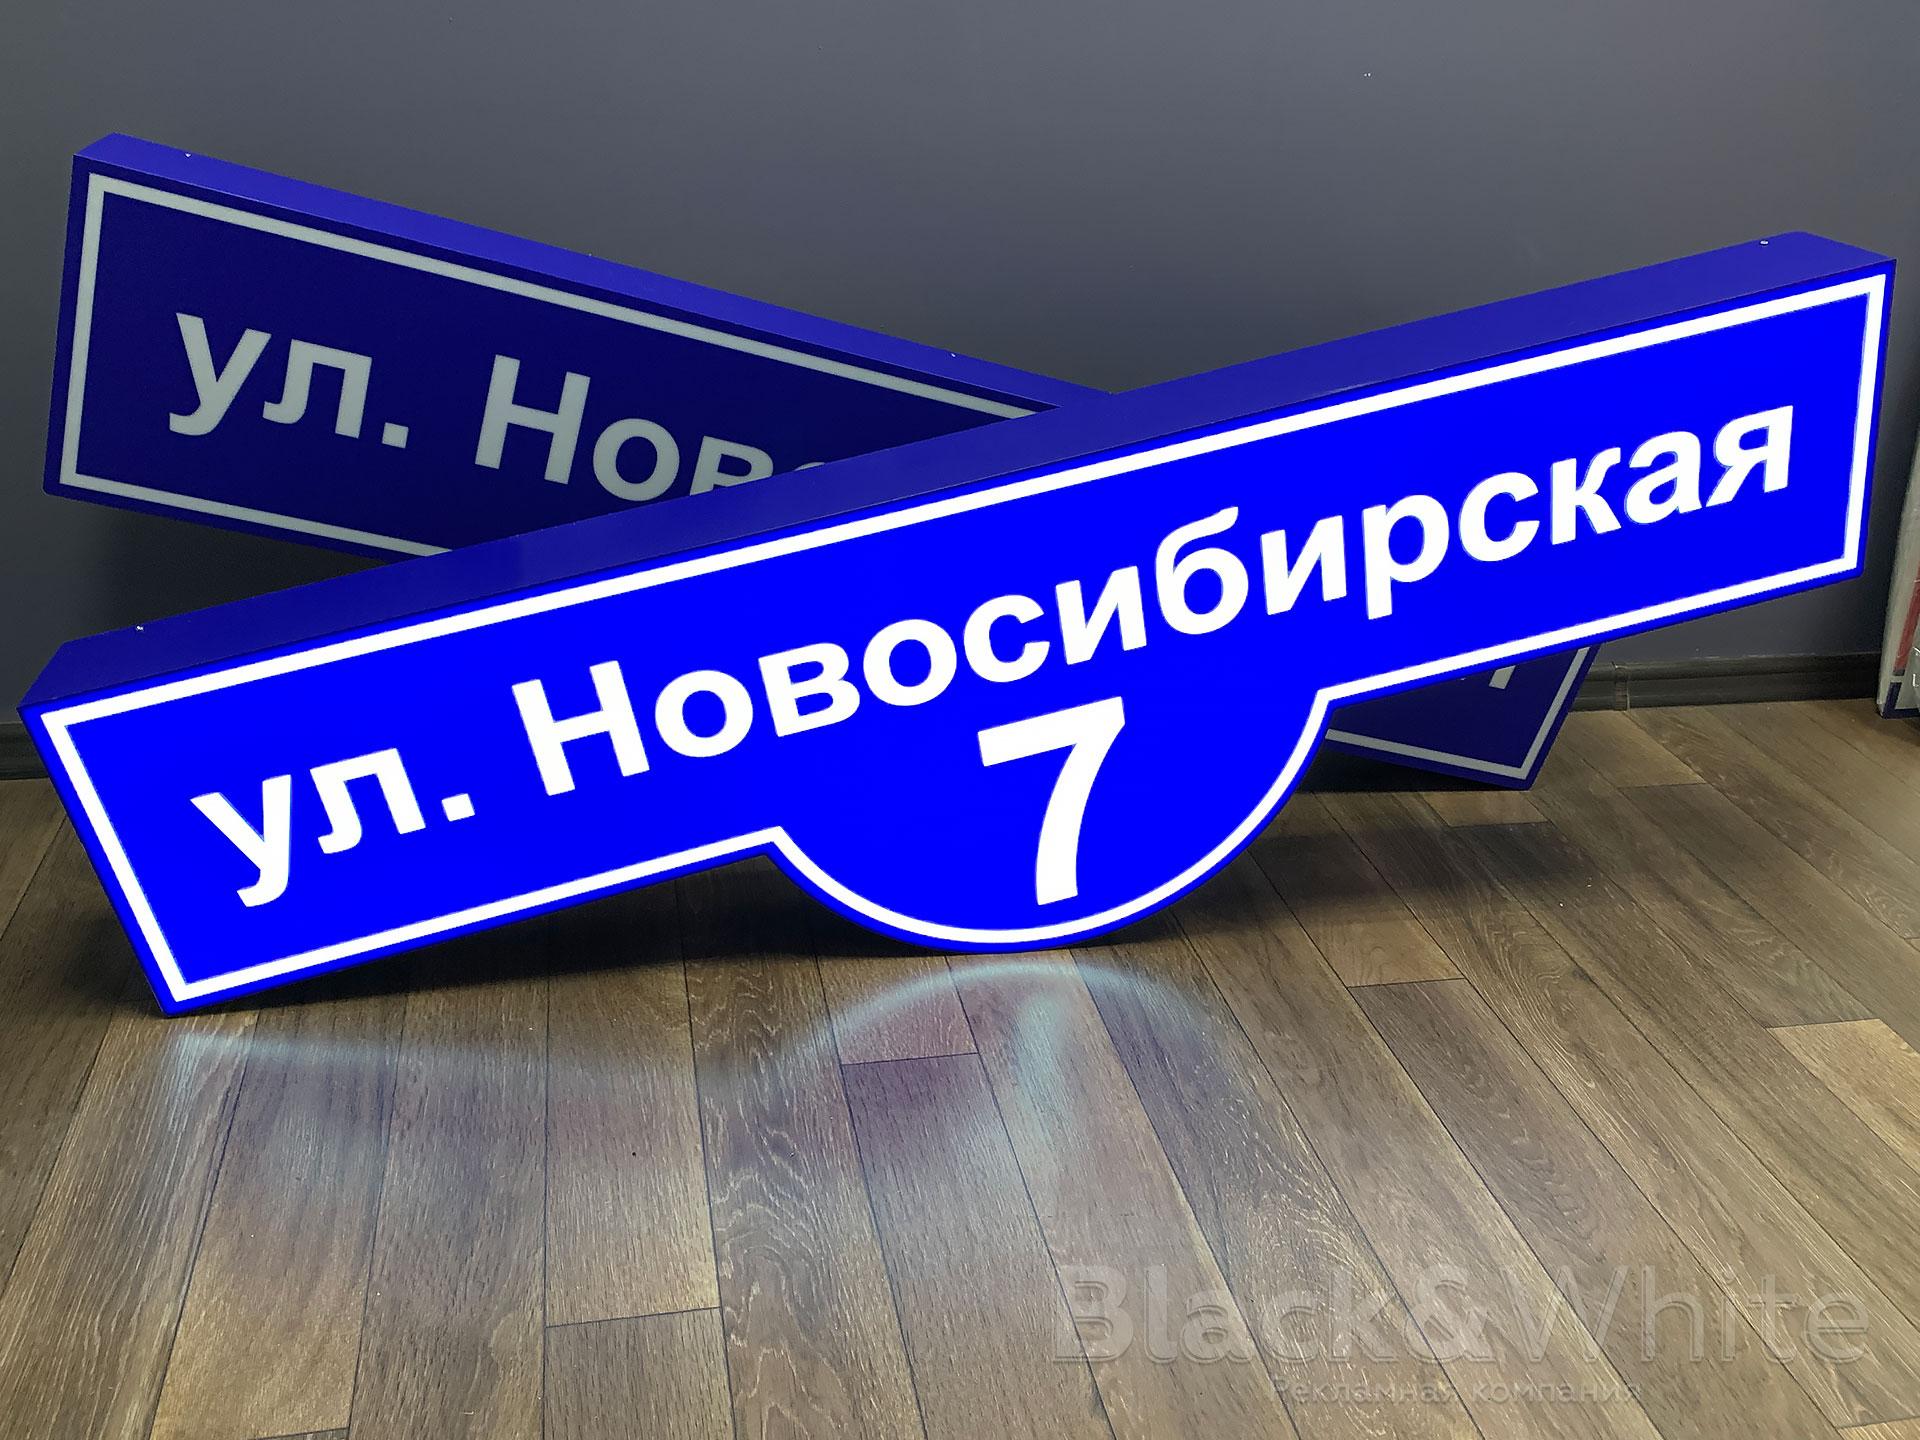 Адресные-световые-таблички-(домовые-знаки)-красноярск.jpg